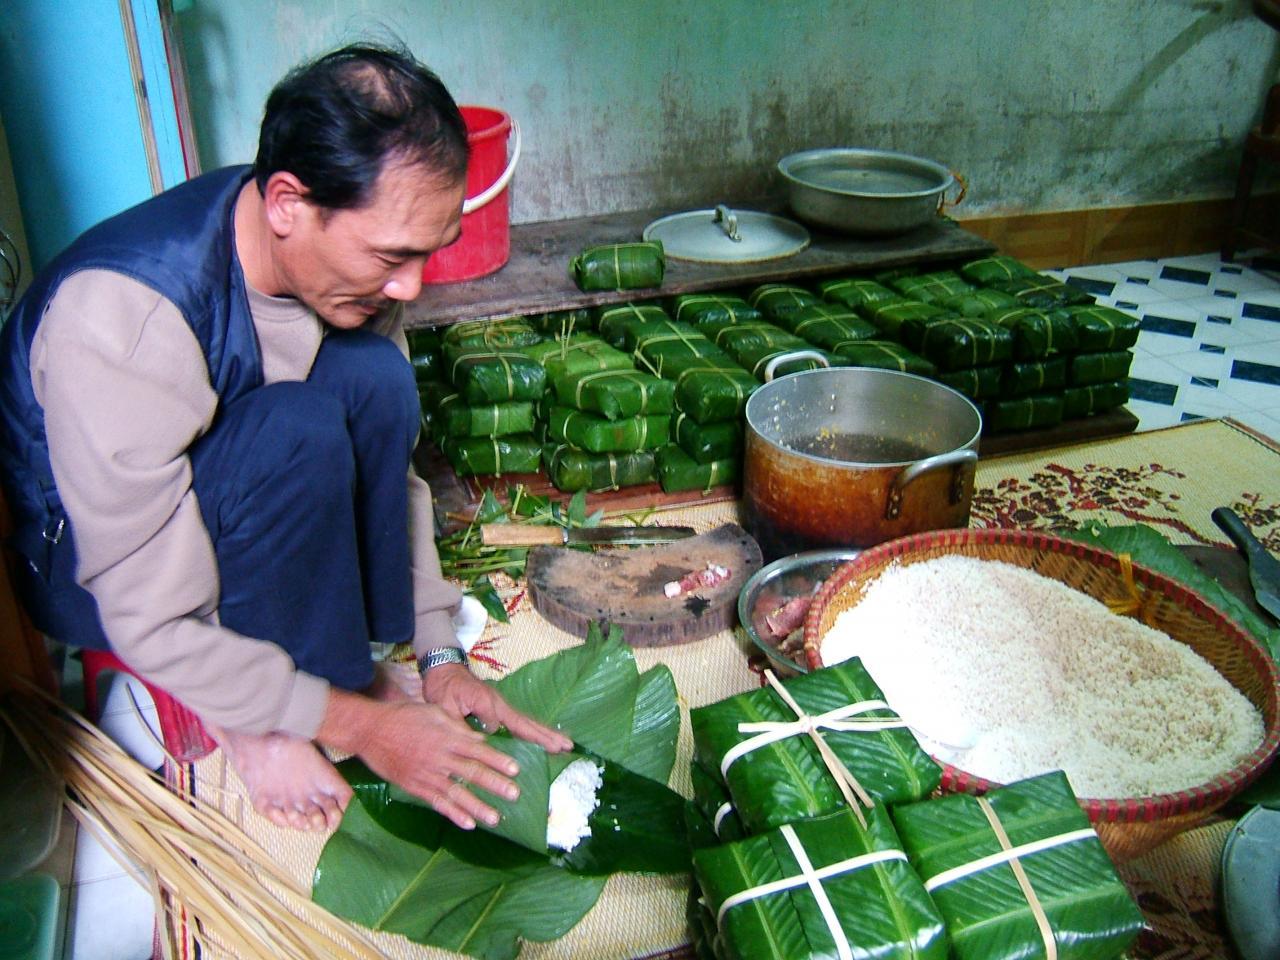 thuyet minh ve phuong phap lam banh chung - Thuyết minh về phương pháp làm bánh chưng